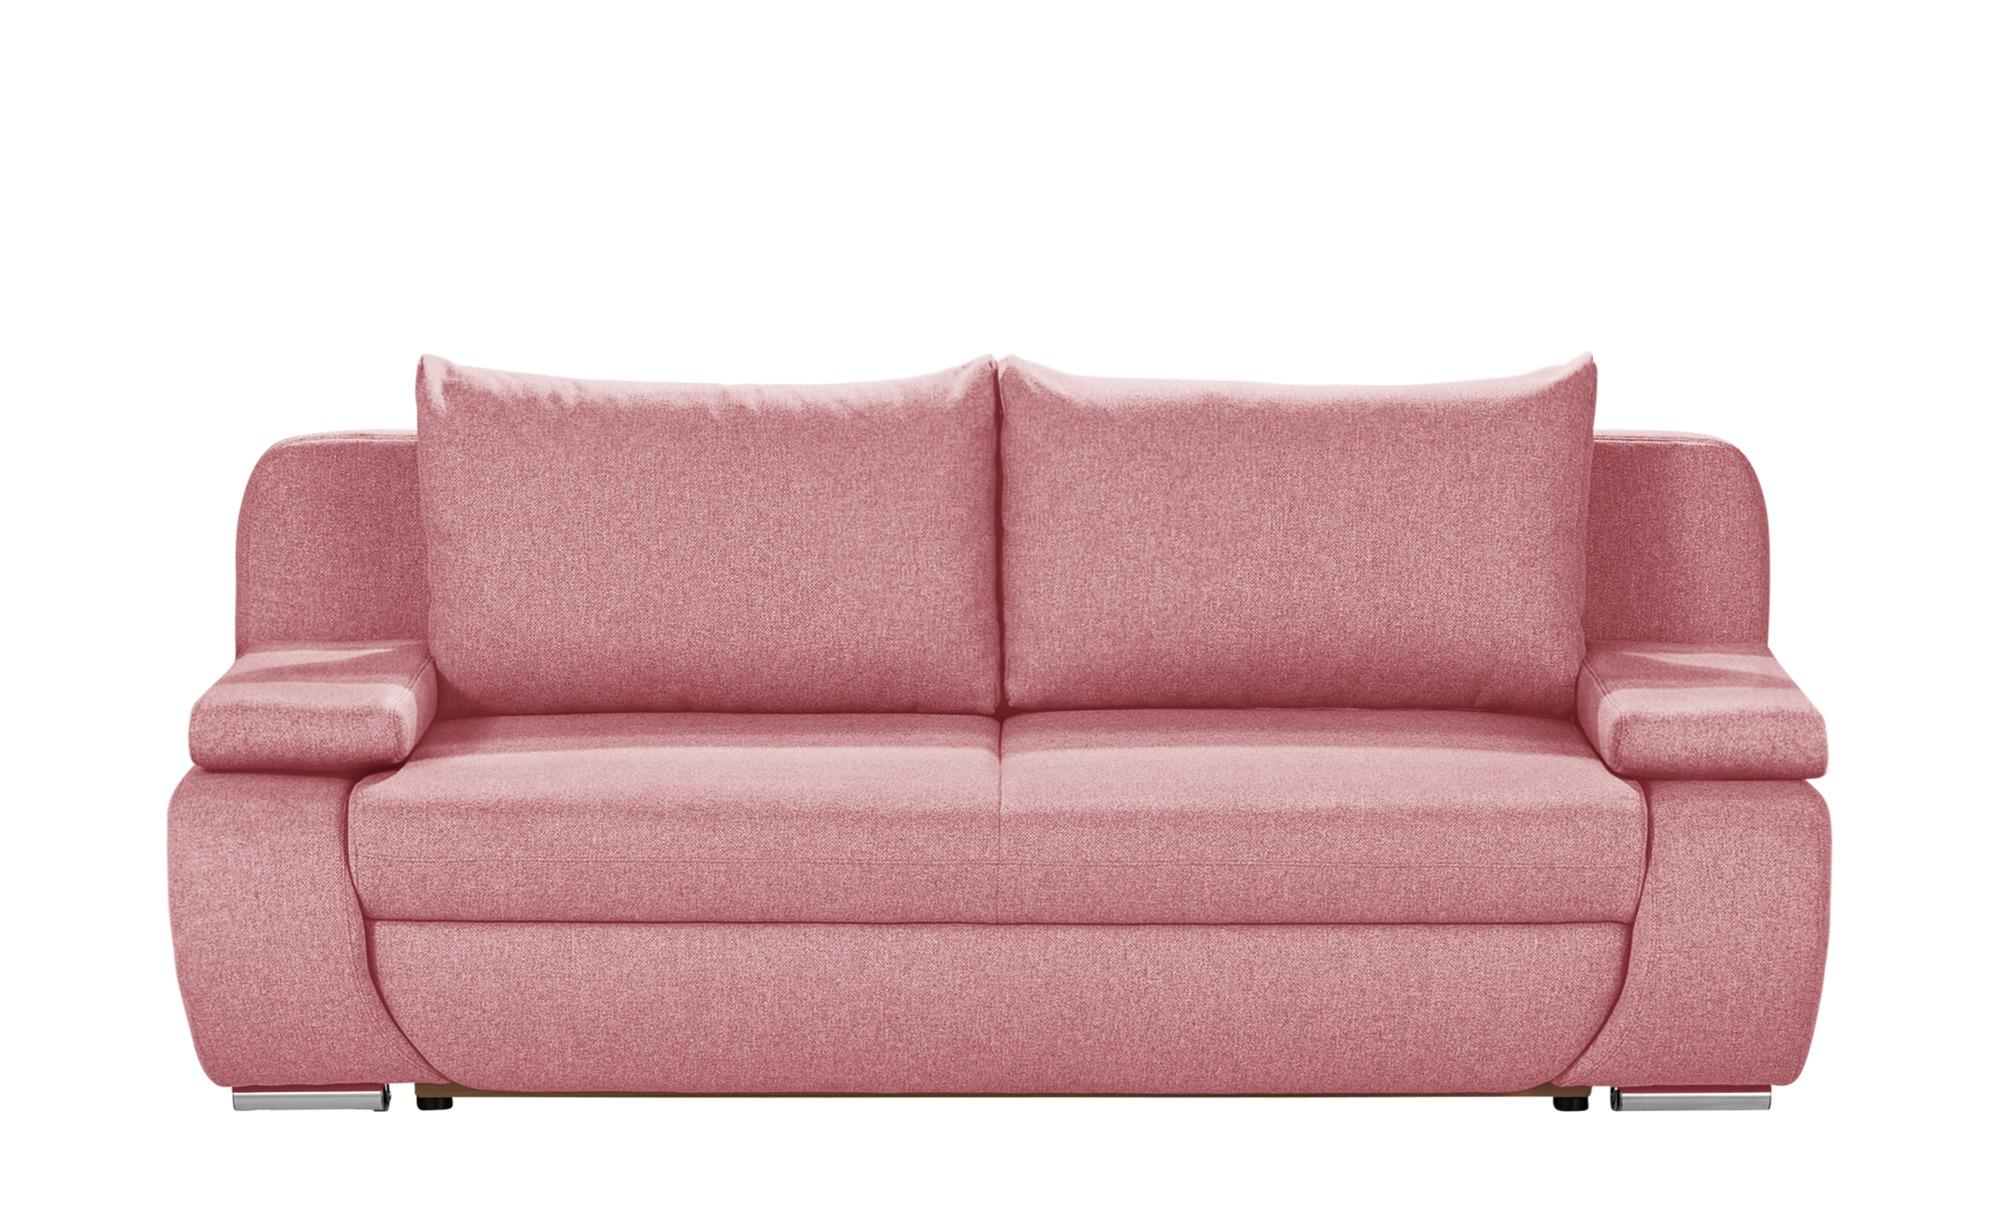 Hoeffner Schlafsofas Online Kaufen Möbel Suchmaschine Ladendirektde